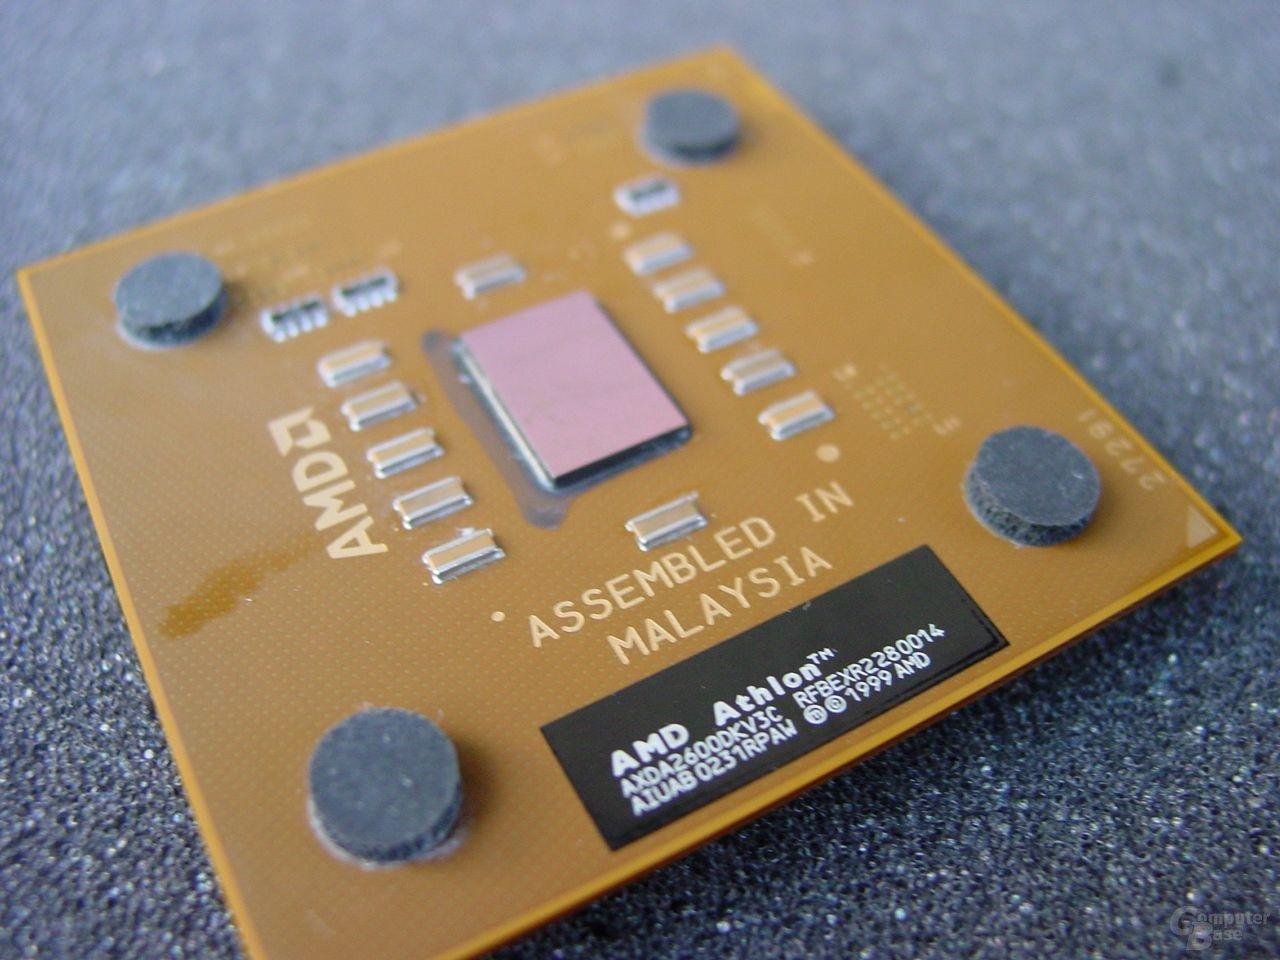 Athlon XP 2600 aus der Perspektive